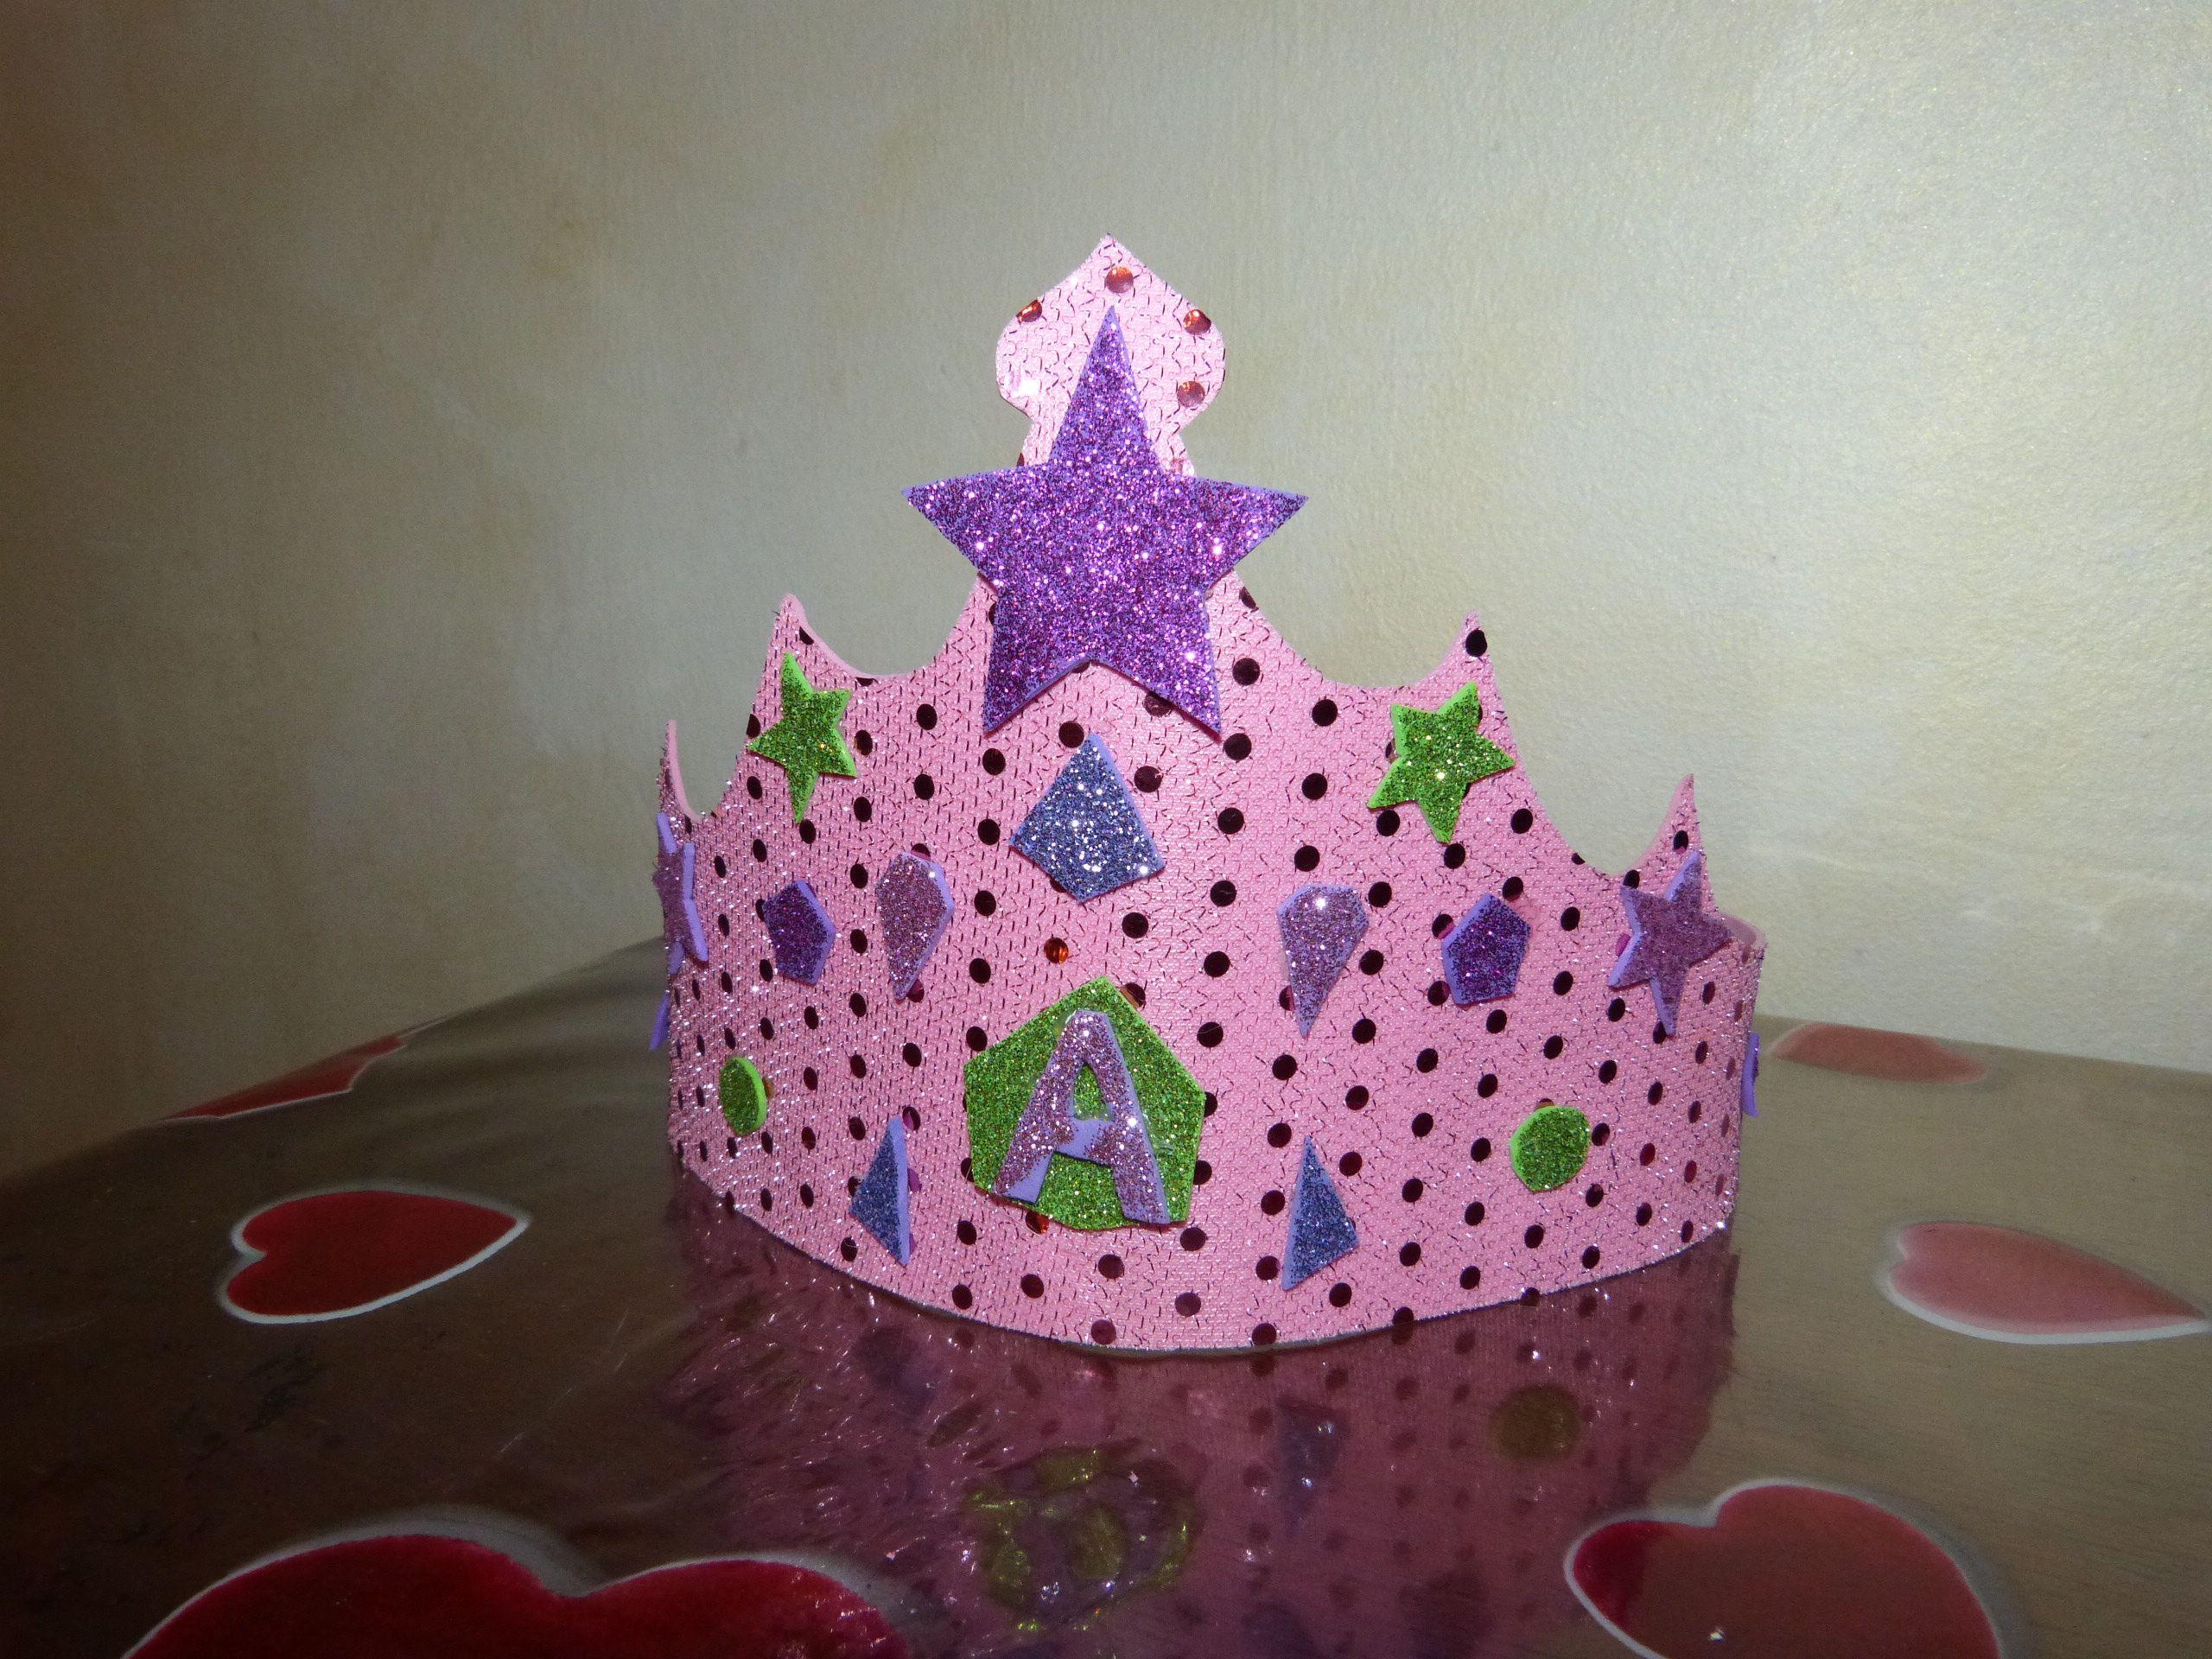 corona compleanno gomma crepla foamy birthday crown corona de cumple en goma eva